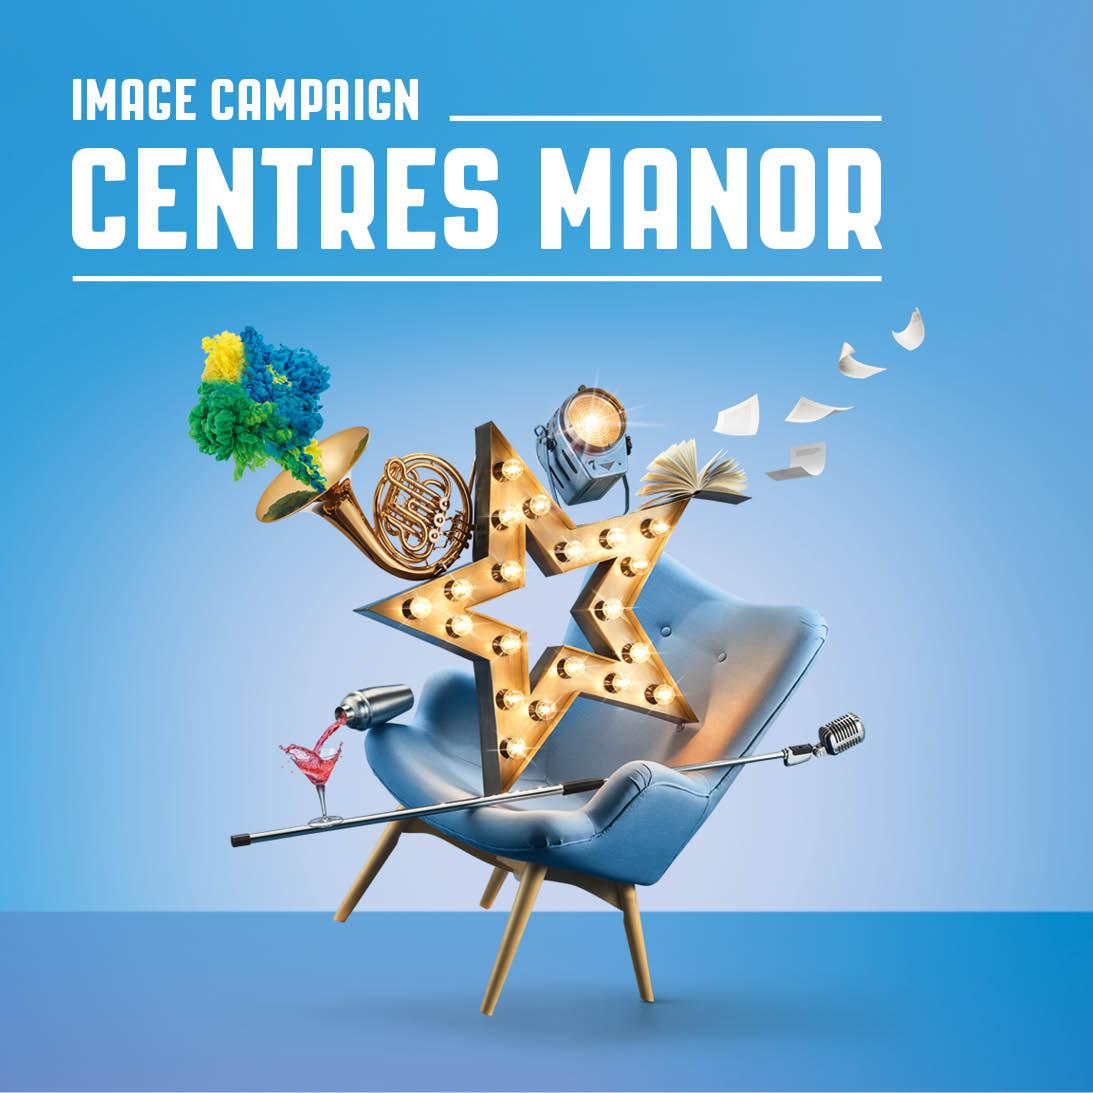 Campagne d'image pour les Centres Manor